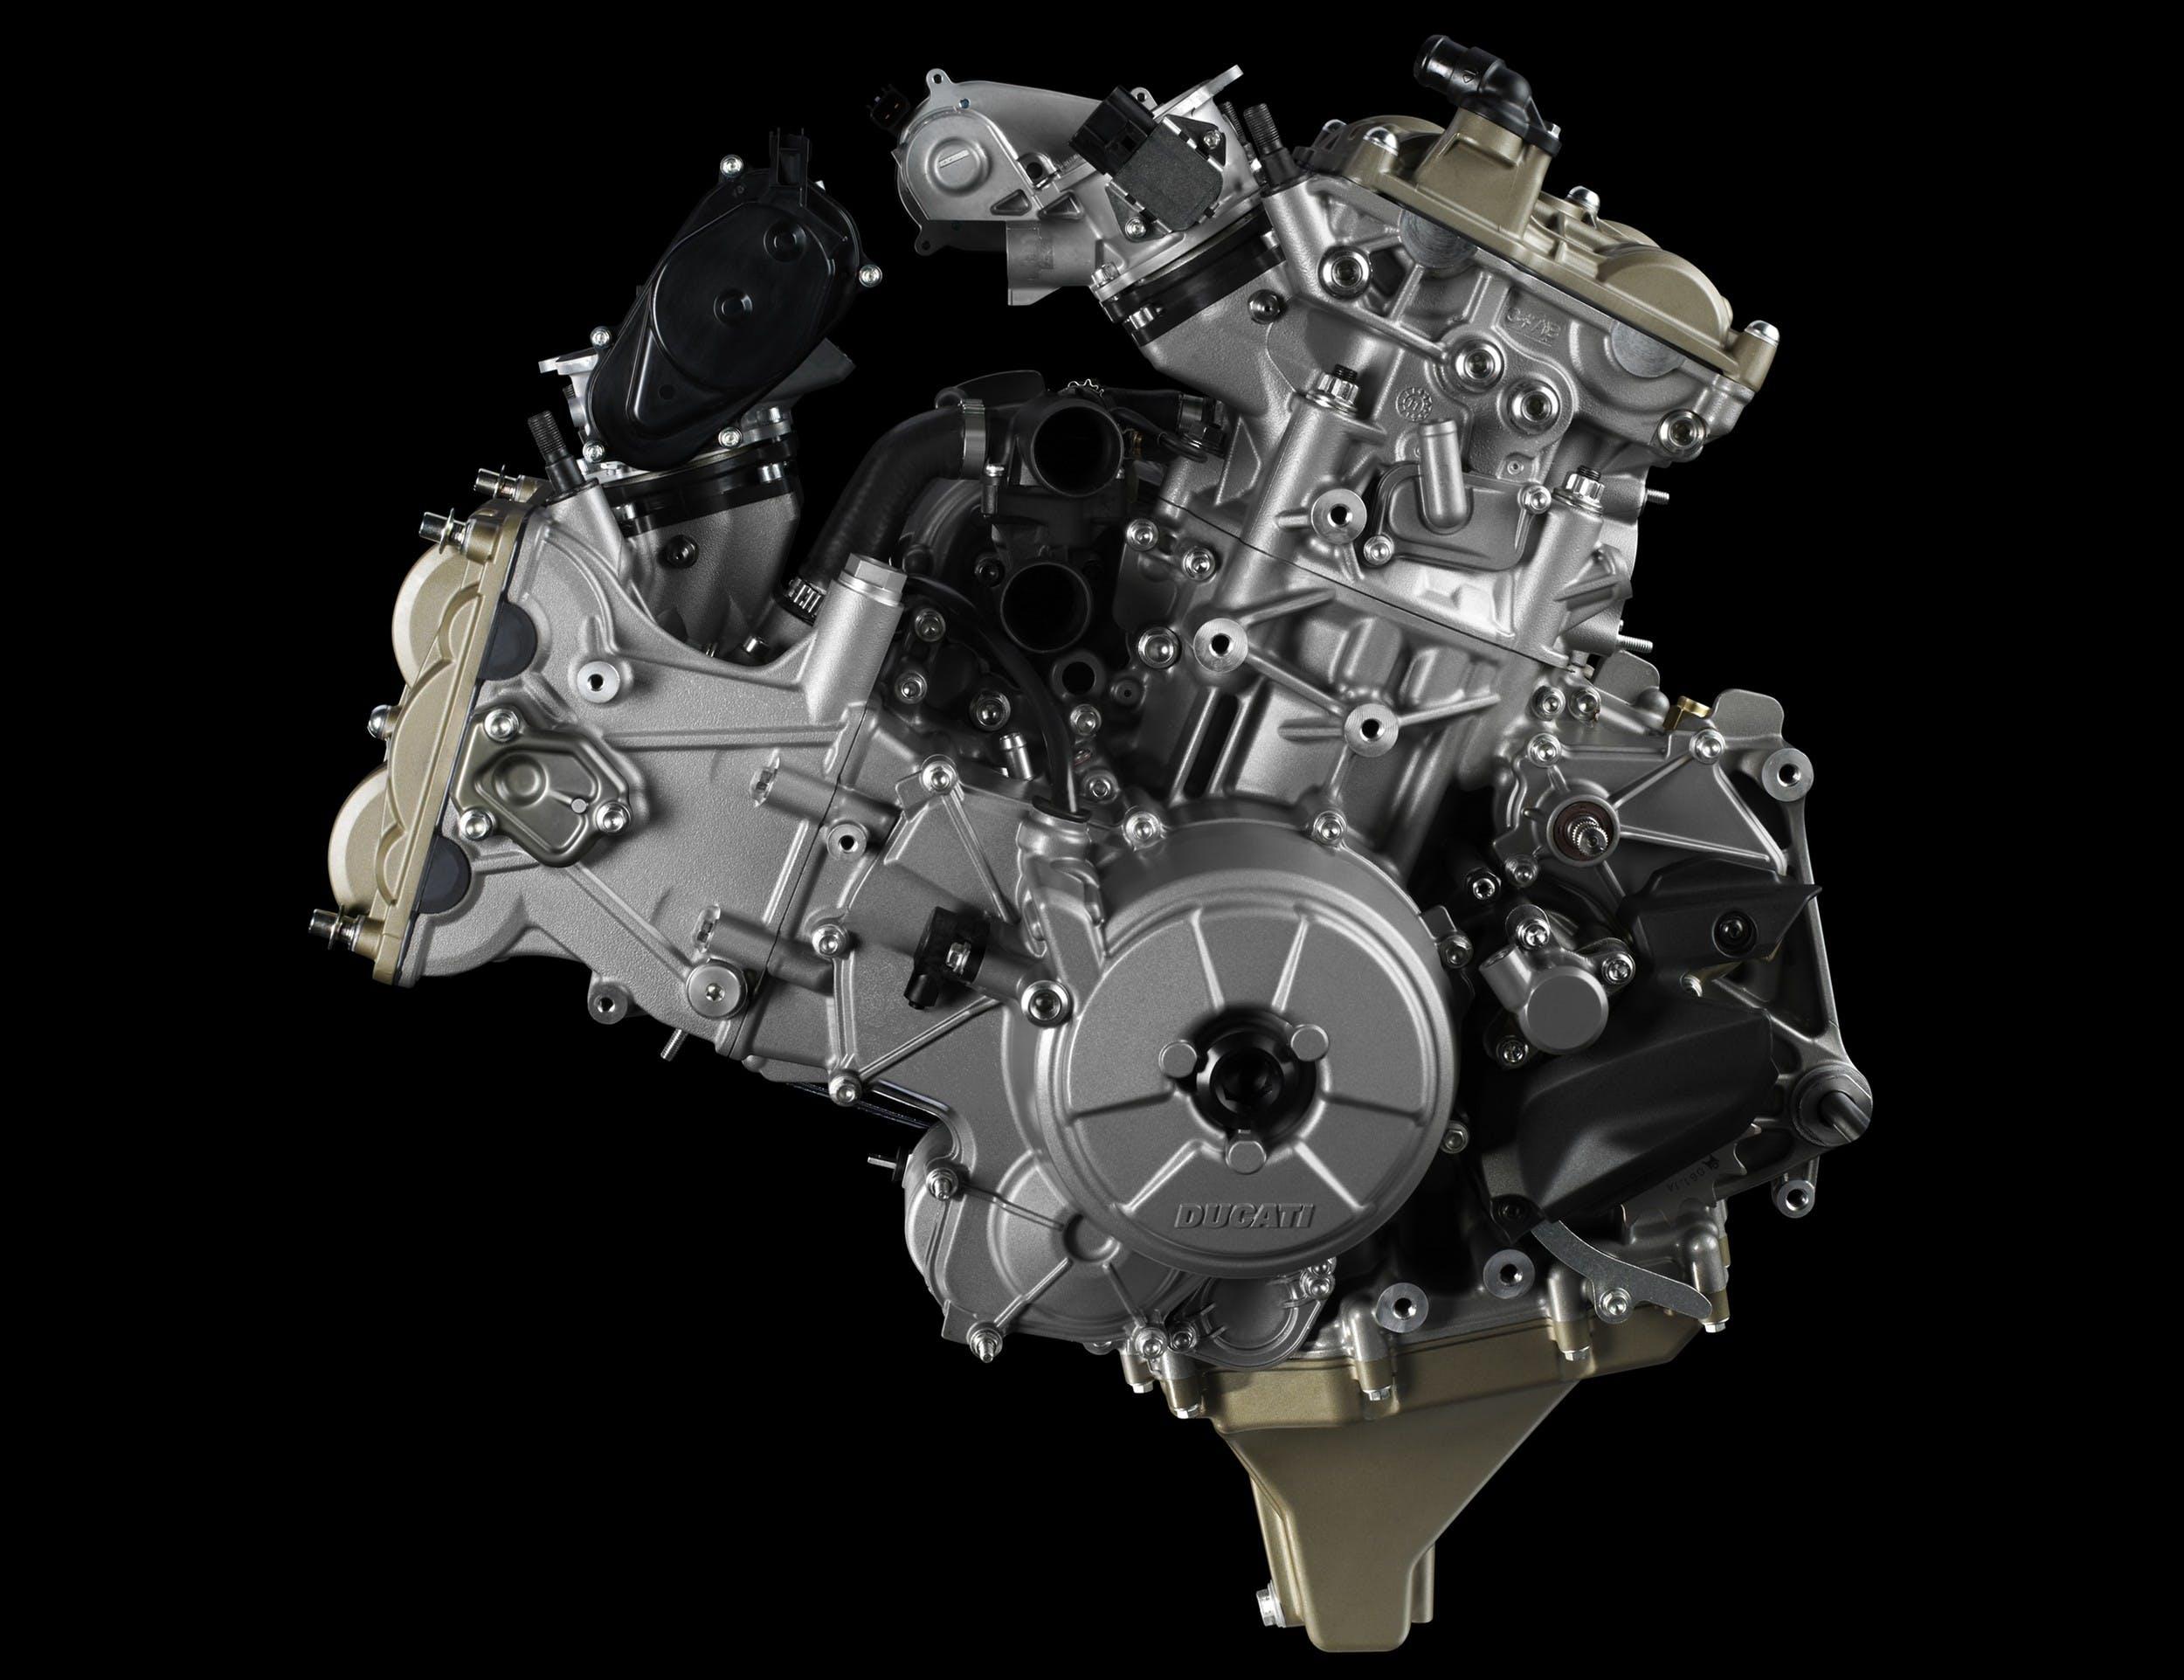 Motore Ducati Superquadro